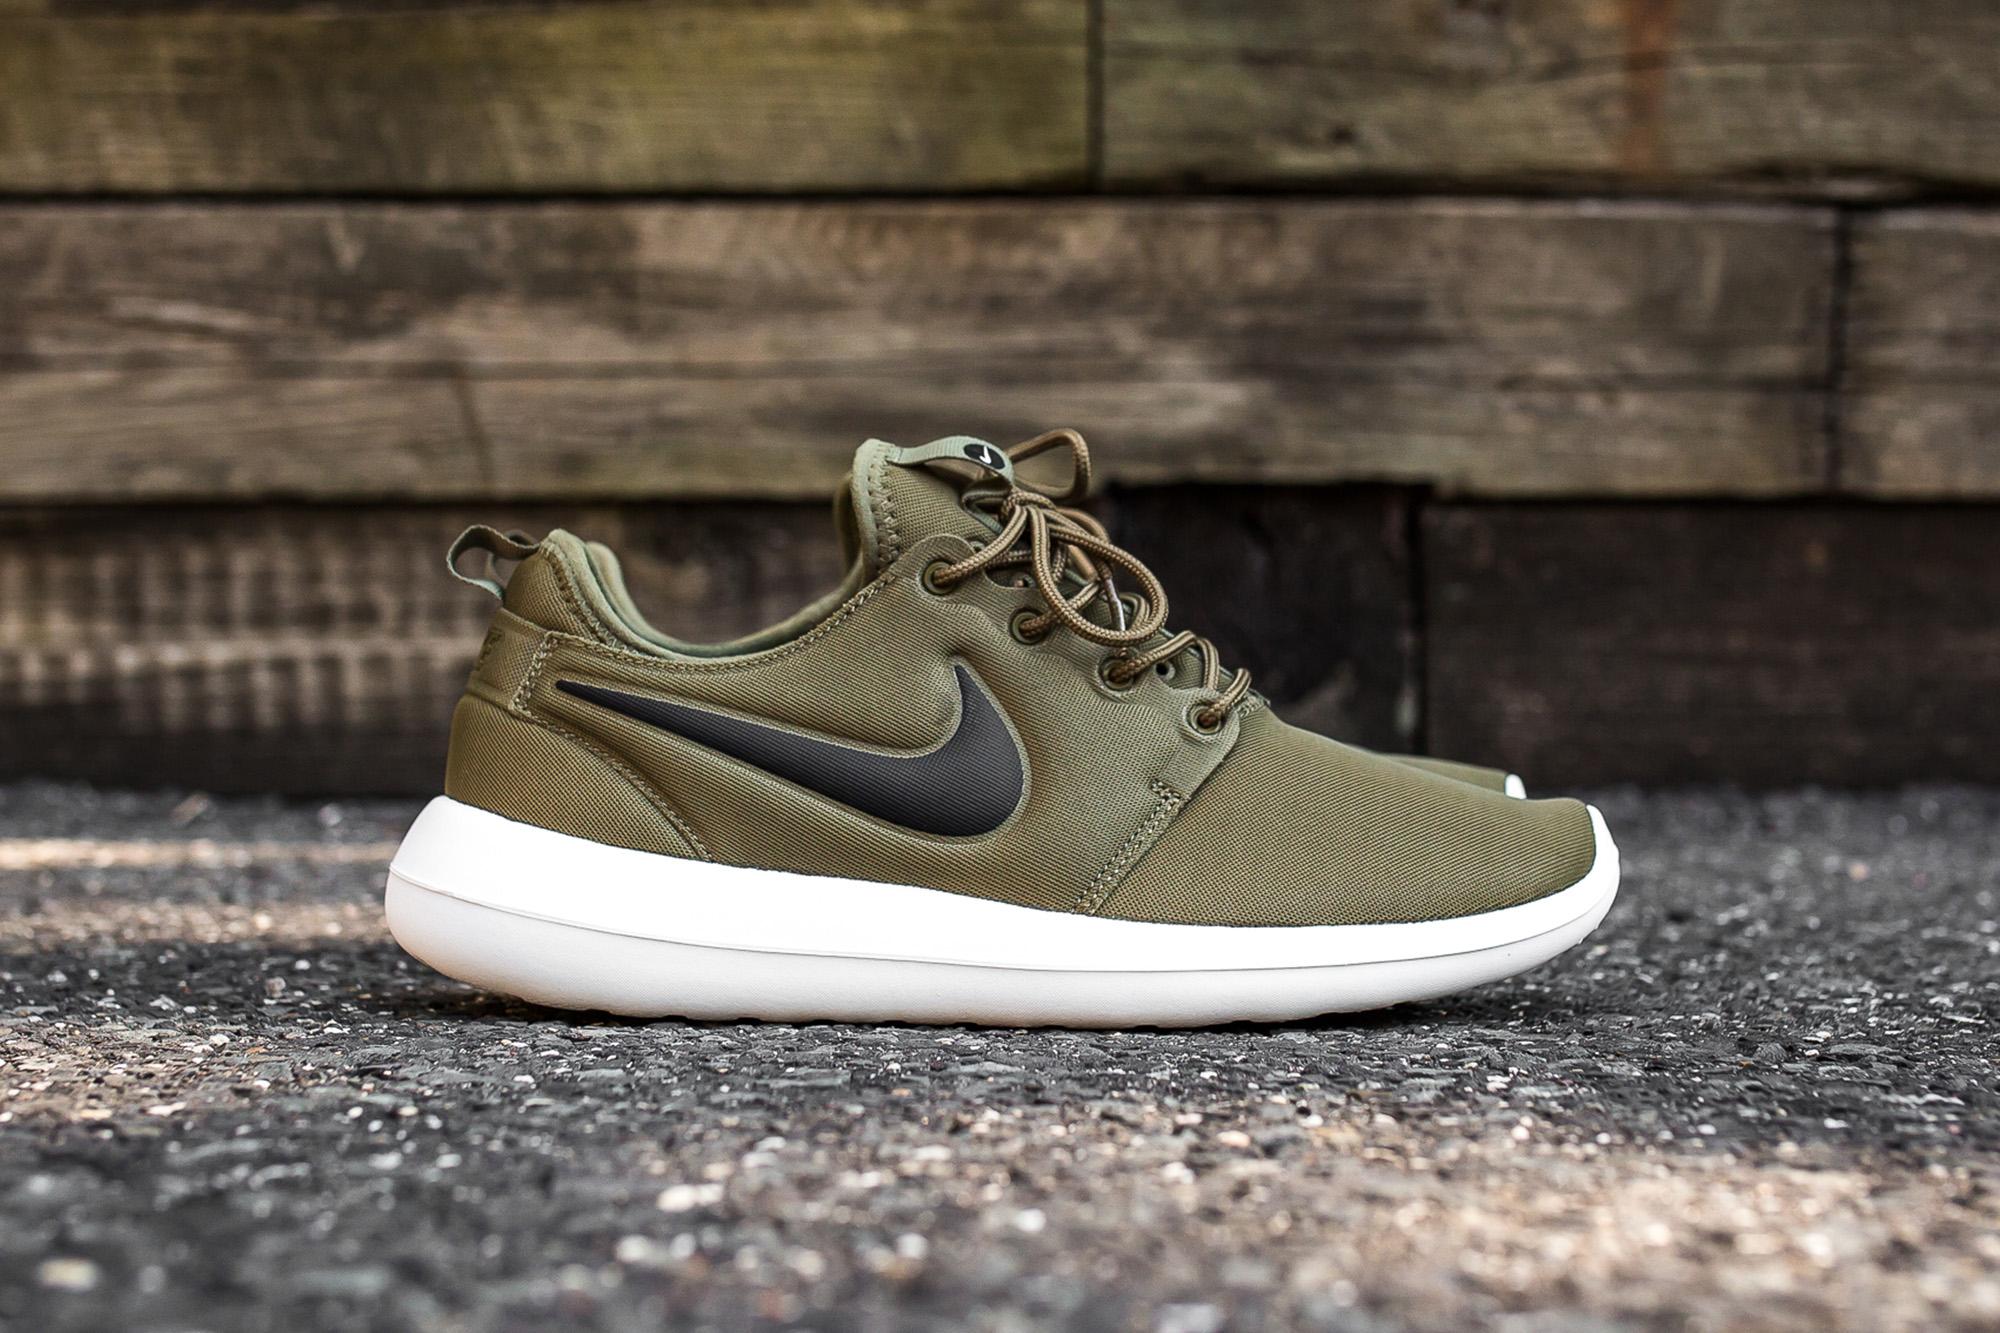 Nike Roshe Run – PACKER SHOES